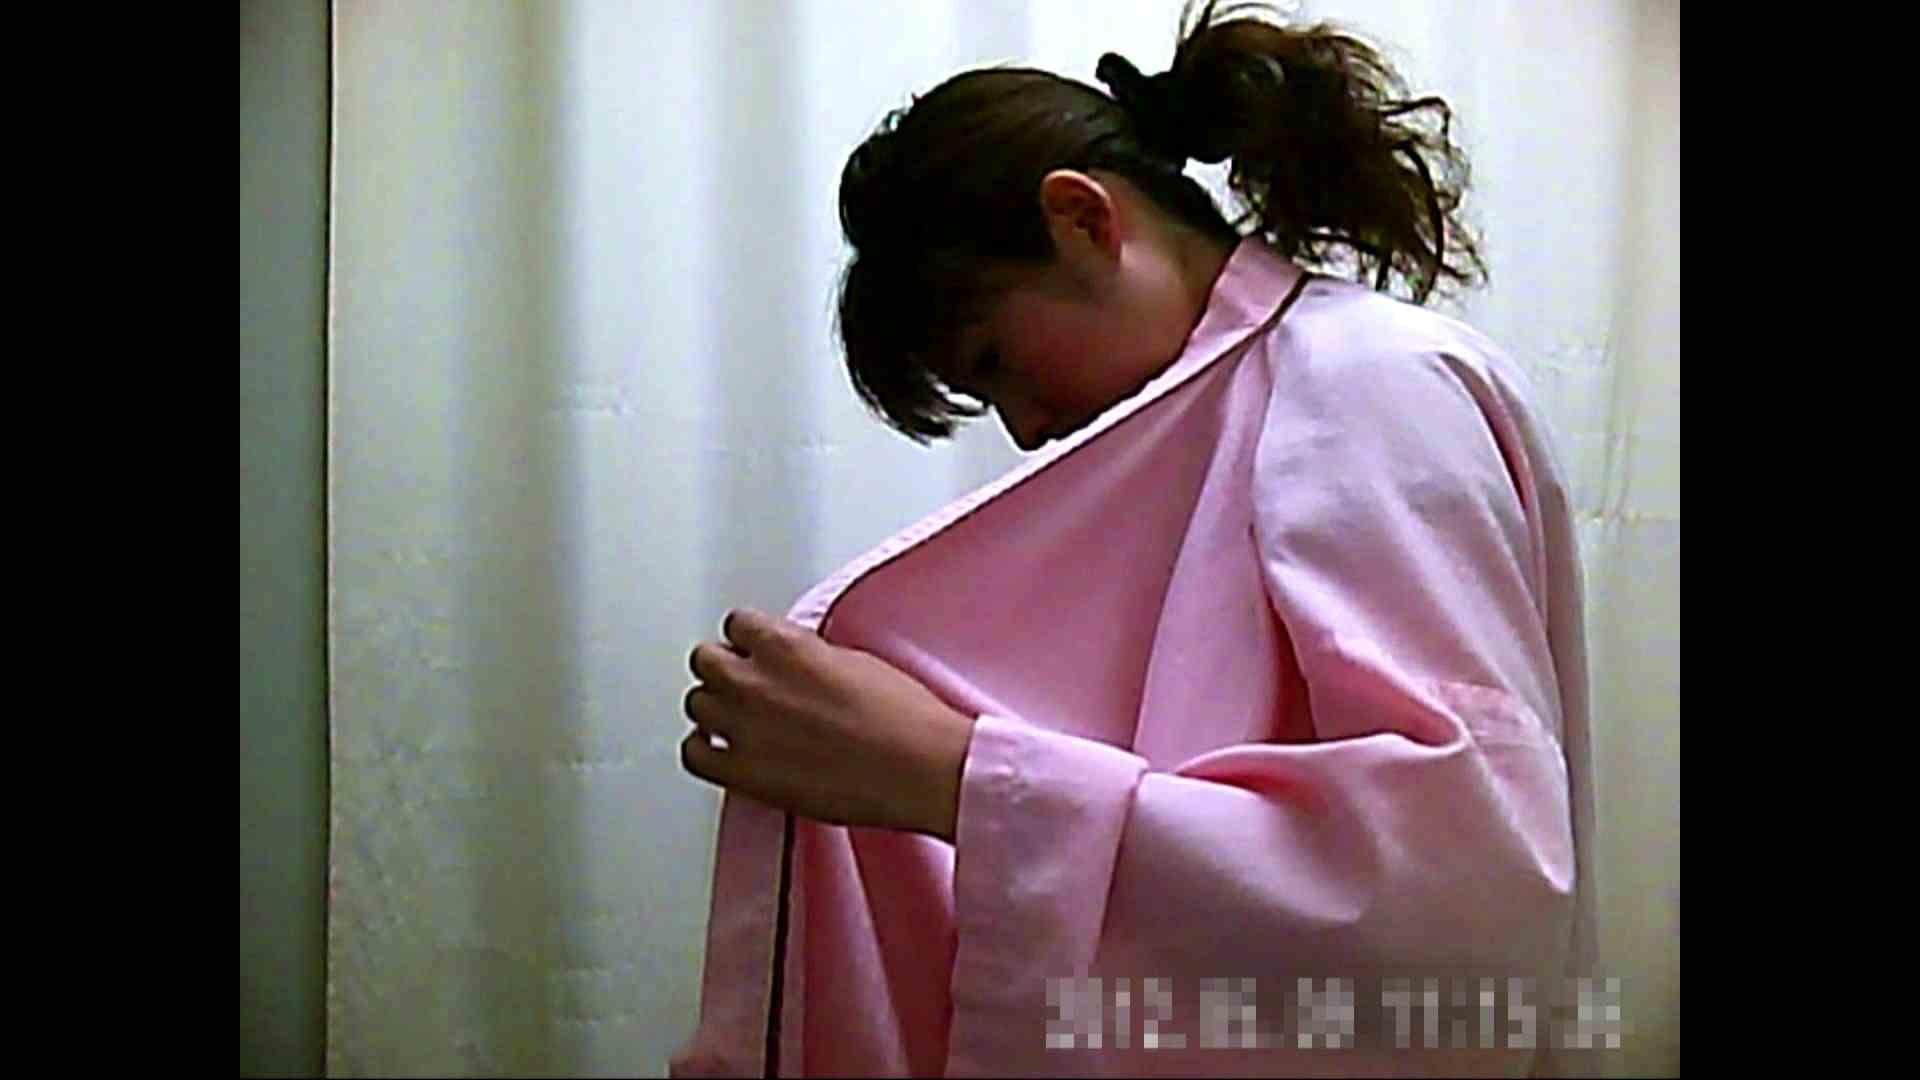 元医者による反抗 更衣室地獄絵巻 vol.002 OLハメ撮り  40Pix 31